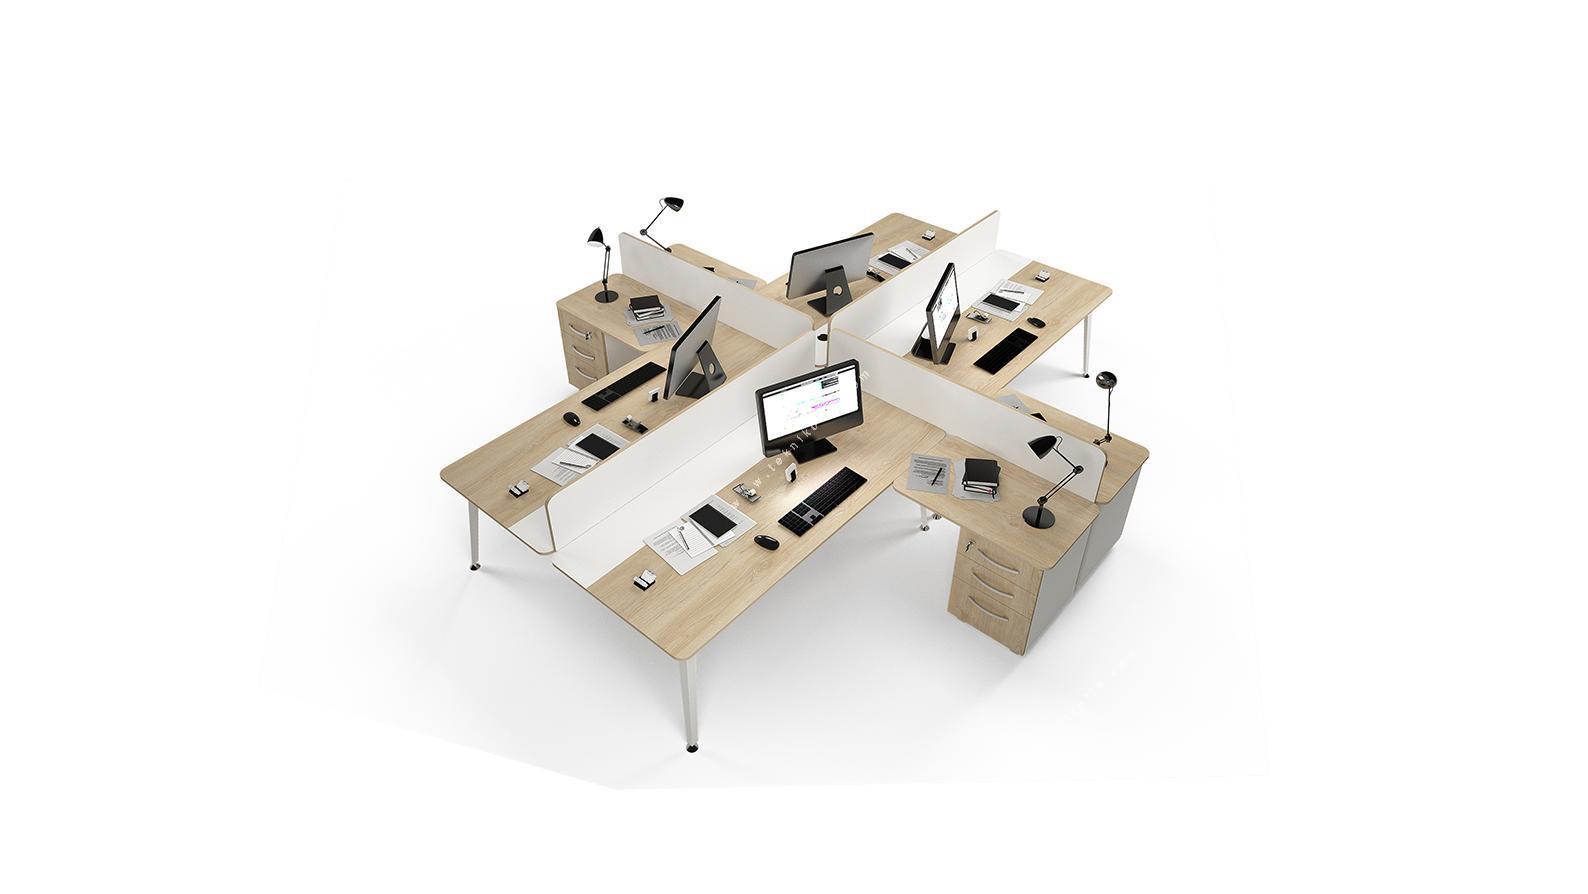 rediste melamin seperatörlü etajerli dörtlü çalışma masası 322cm